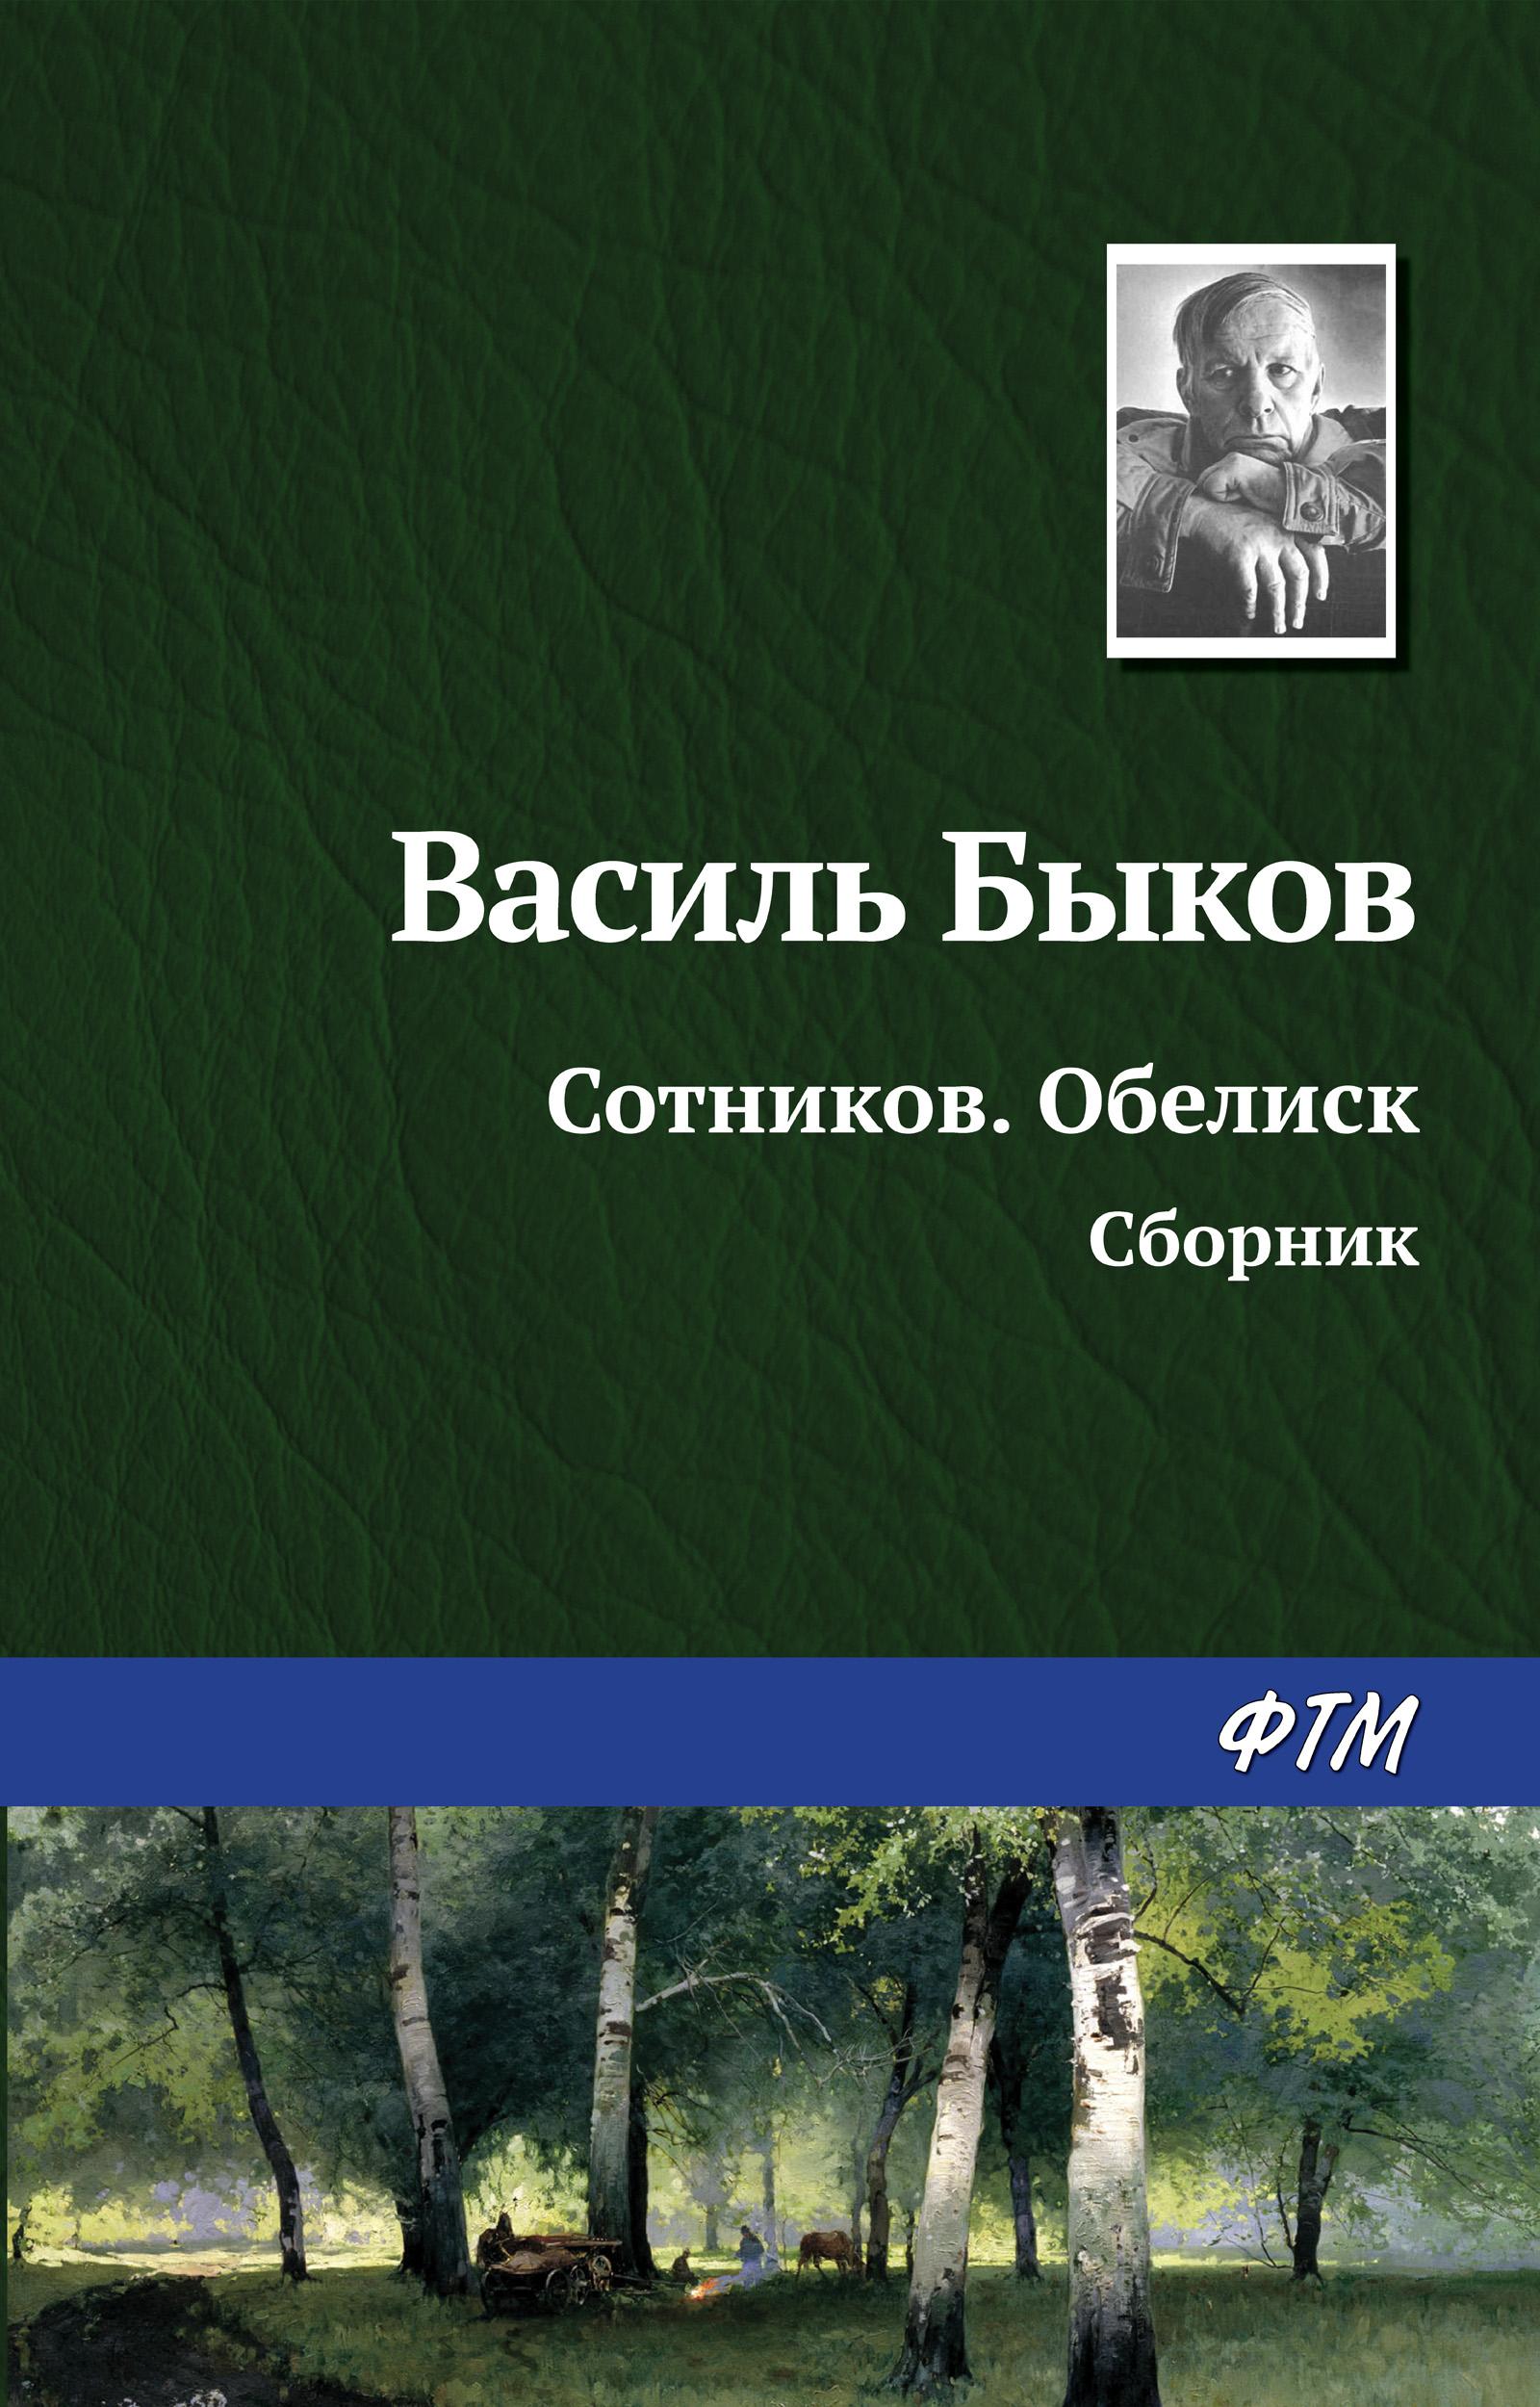 цена на Василь Быков Сотников. Обелиск (сборник)